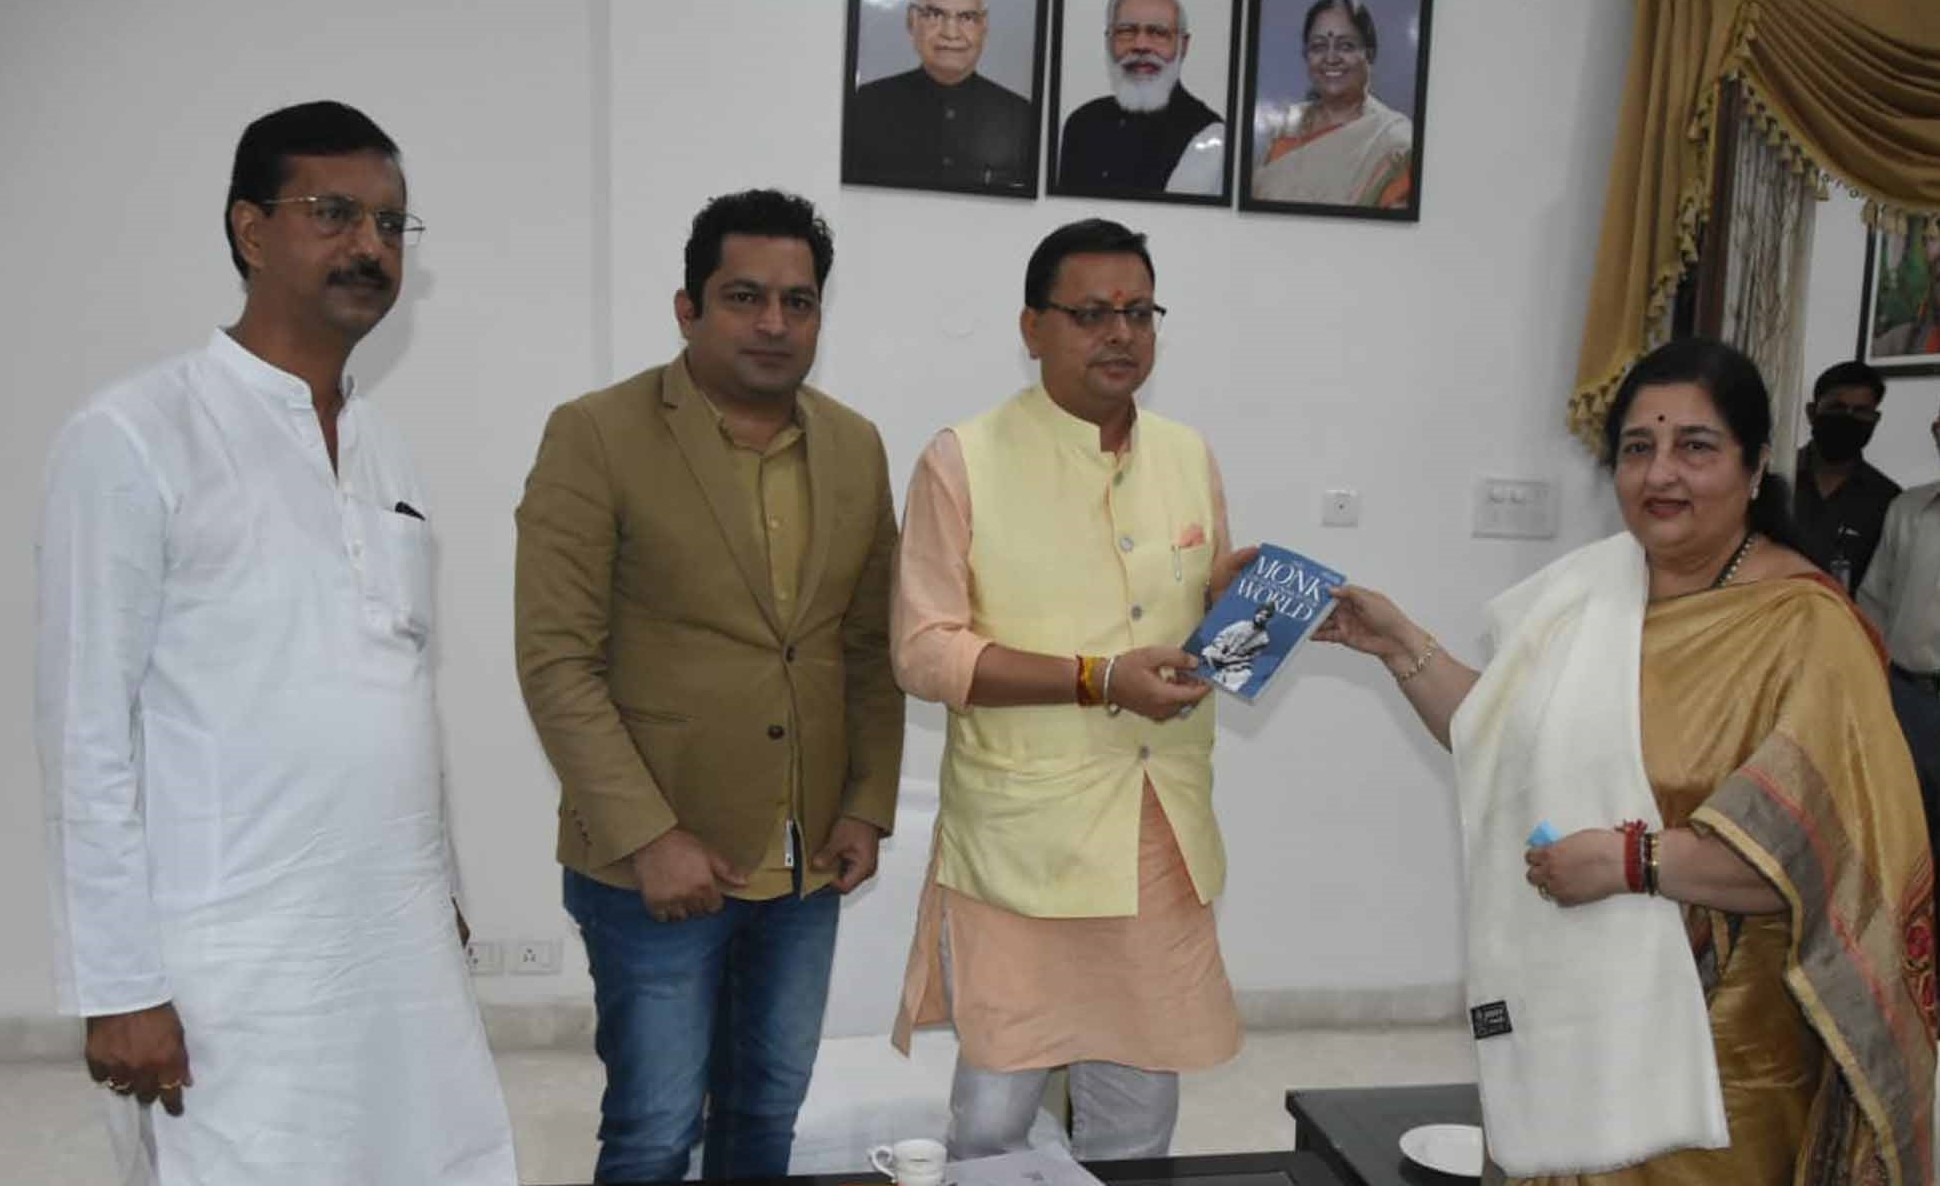 सुप्रसिद्ध गायिका पद्मश्री अनुराधा पौडवाल ने मुख्यमंत्री पुष्कर धामी से की शिष्टाचार भेंट